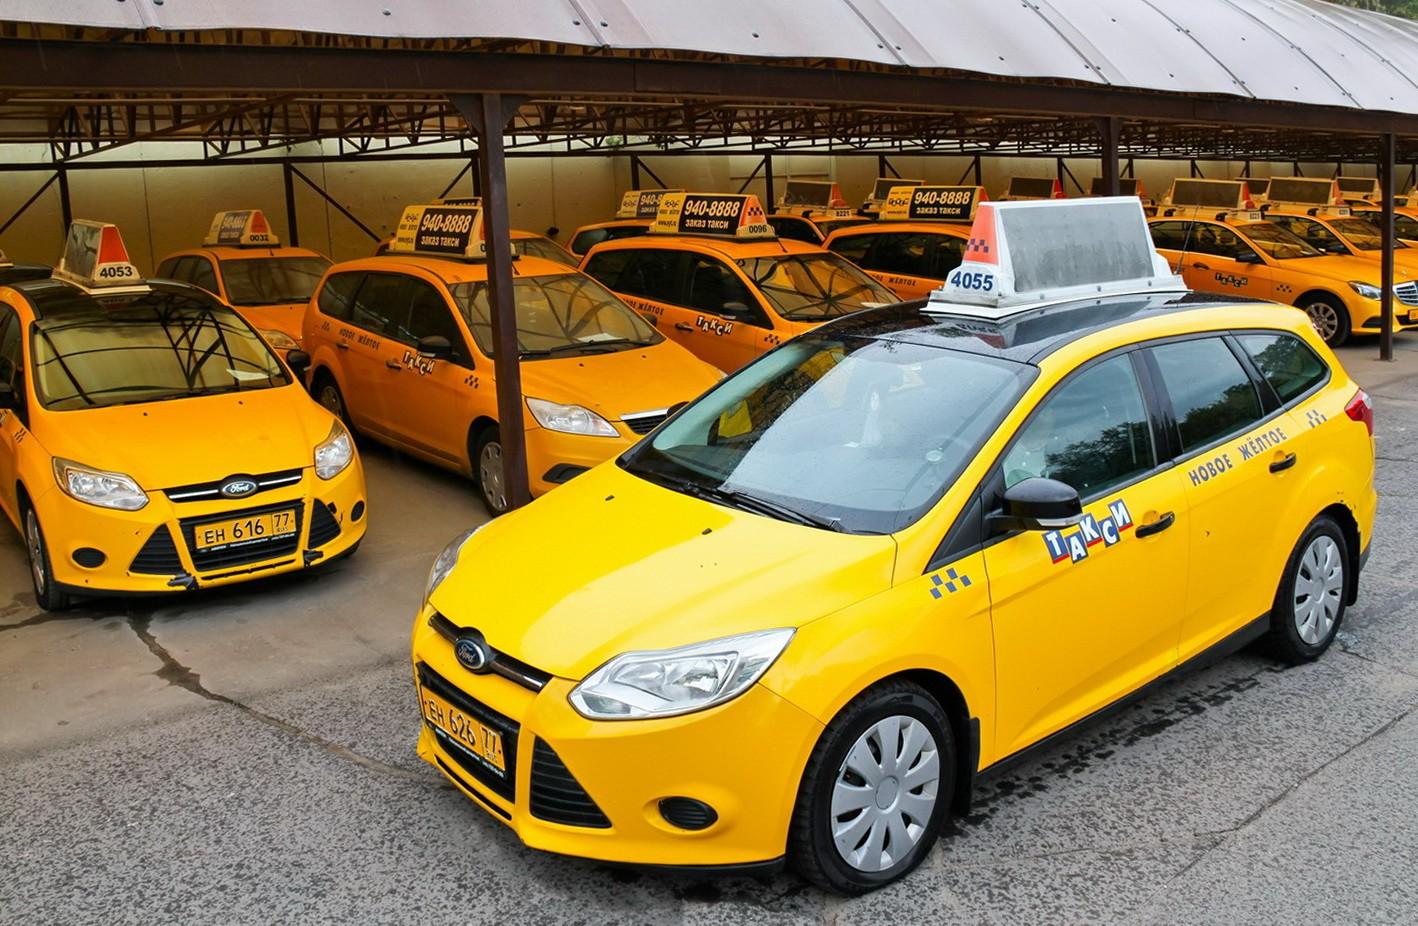 Названы самые известные автомобили такси в РФ